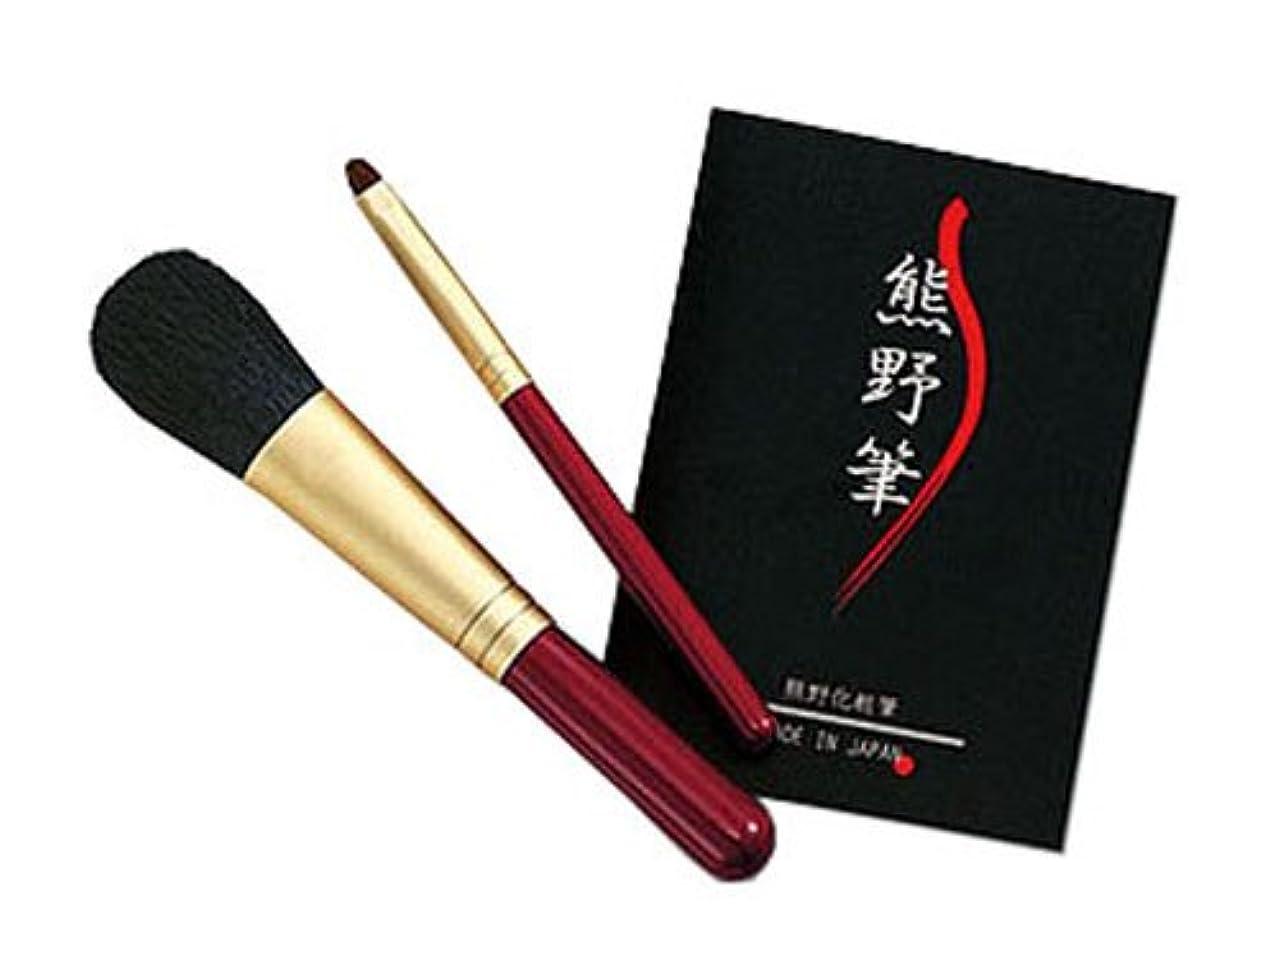 寮まぶしさ値下げ熊野筆 化粧筆セット 筆の心 KFi-50R